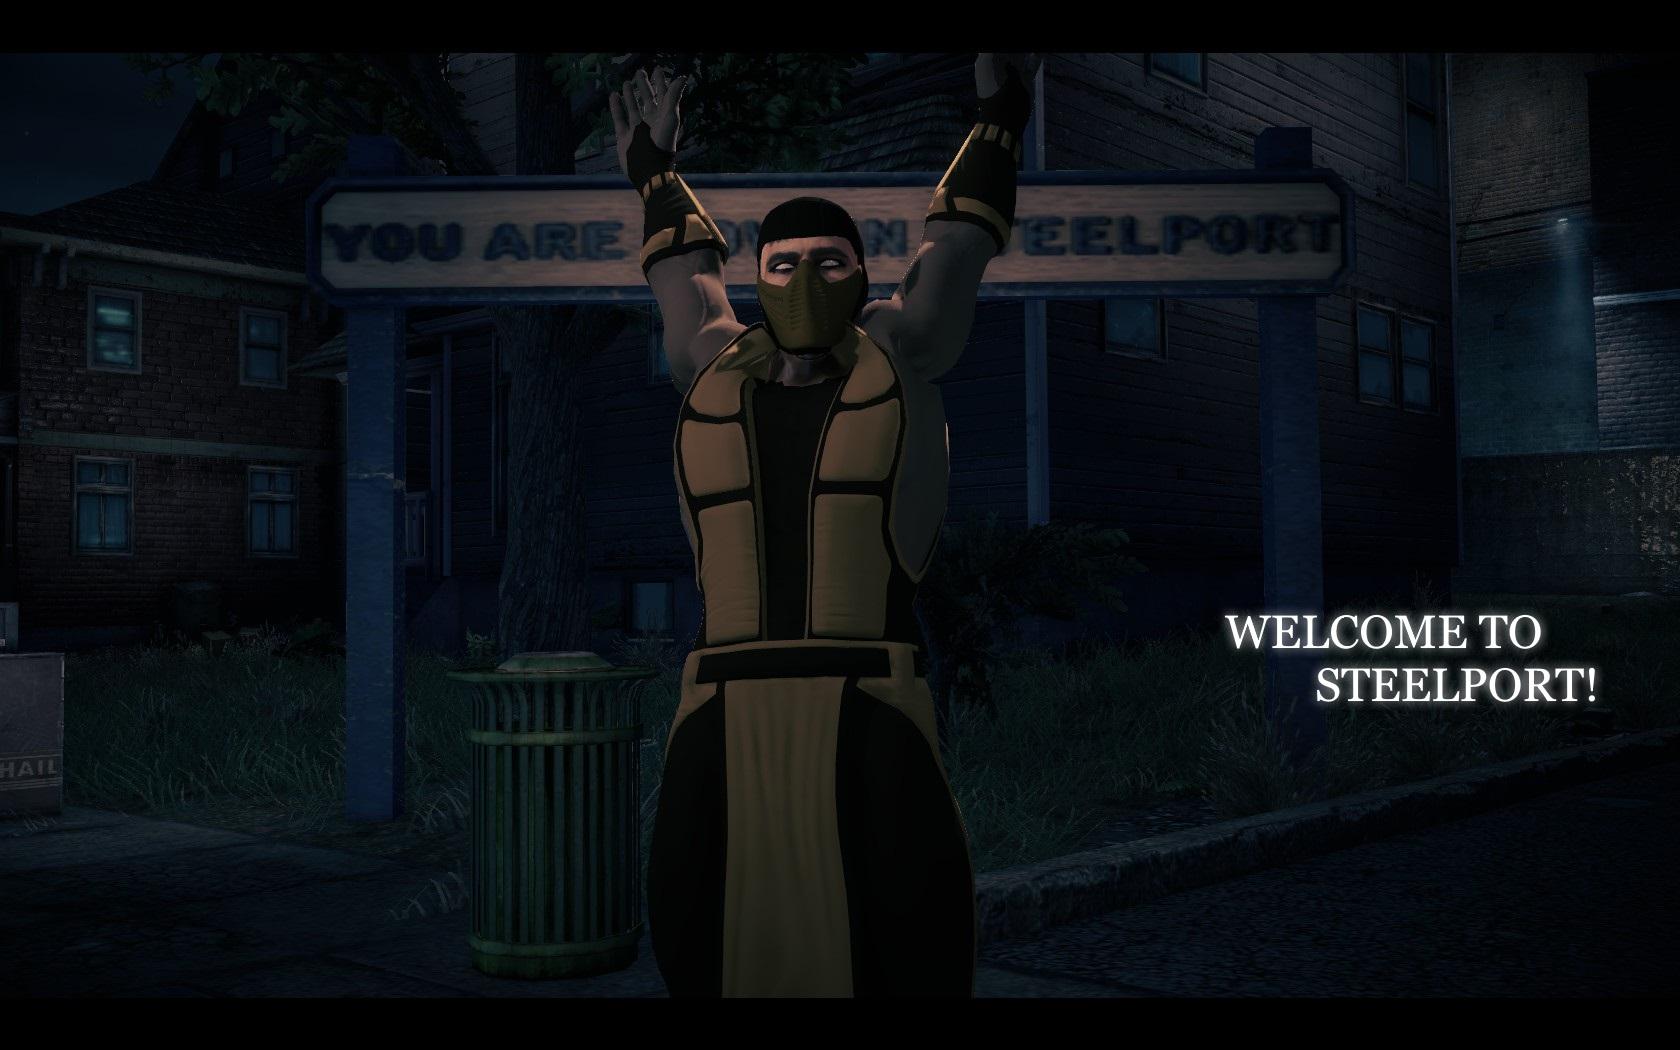 WELCOME TO STEELPORT.jpg